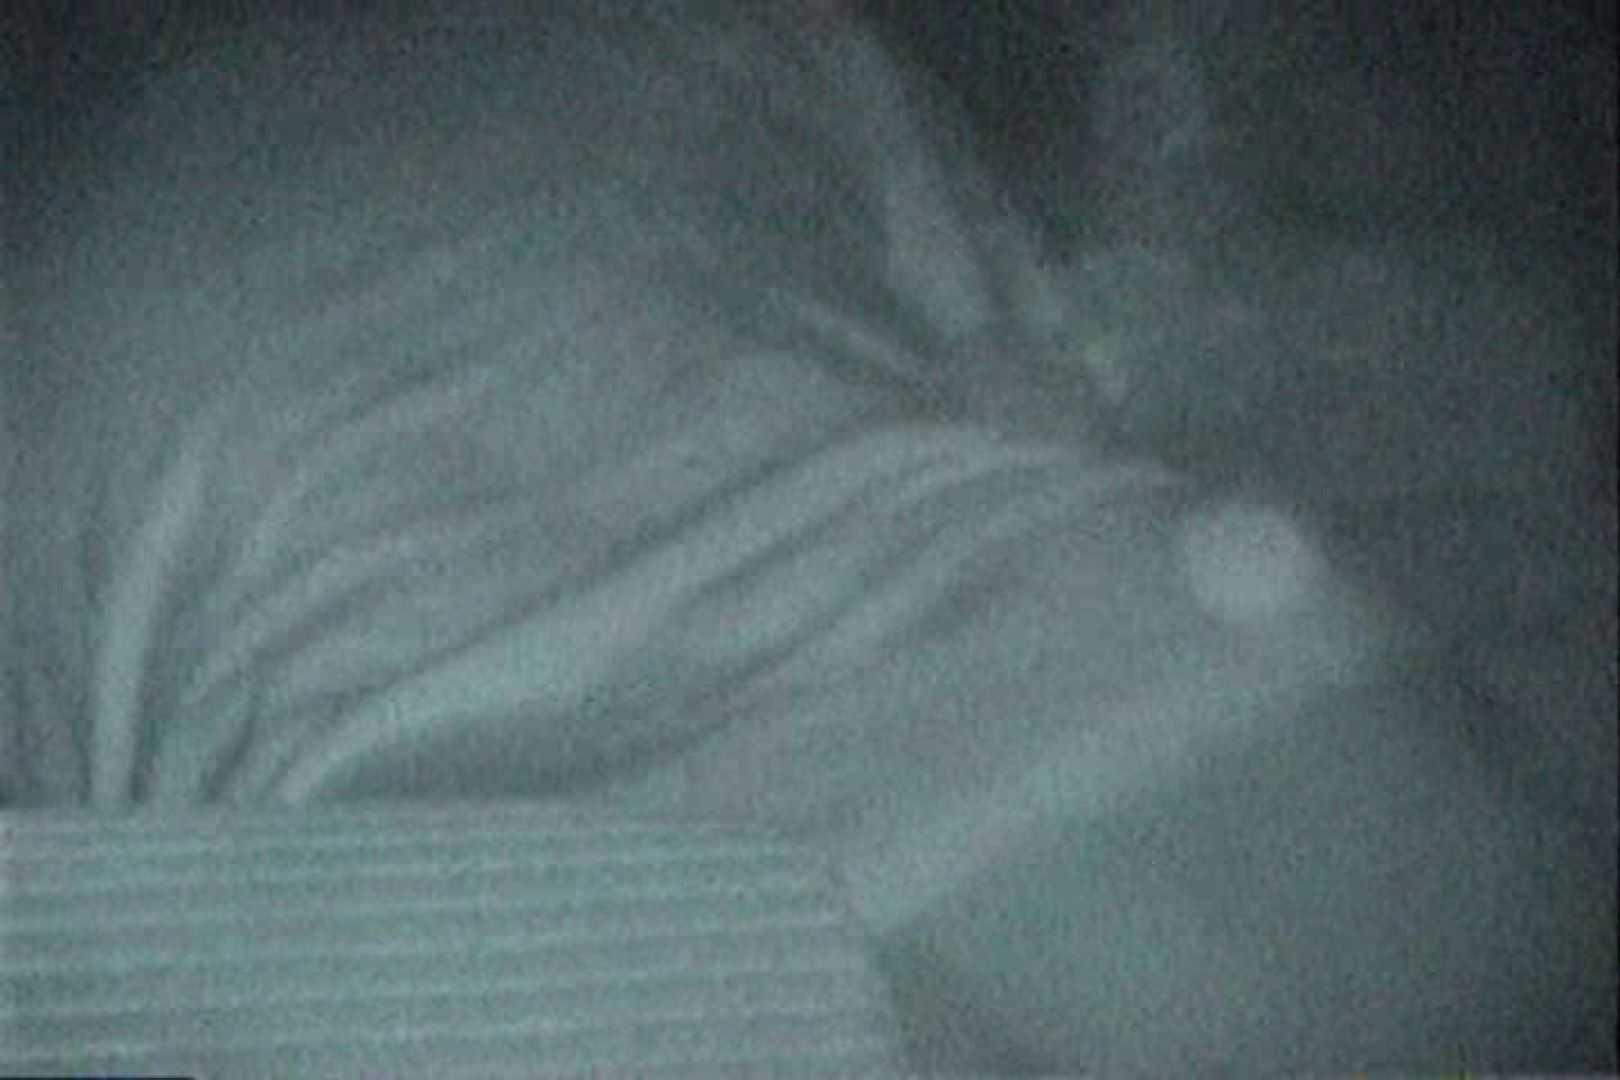 充血監督の深夜の運動会Vol.143 おまんこ おまんこ動画流出 76pic 64